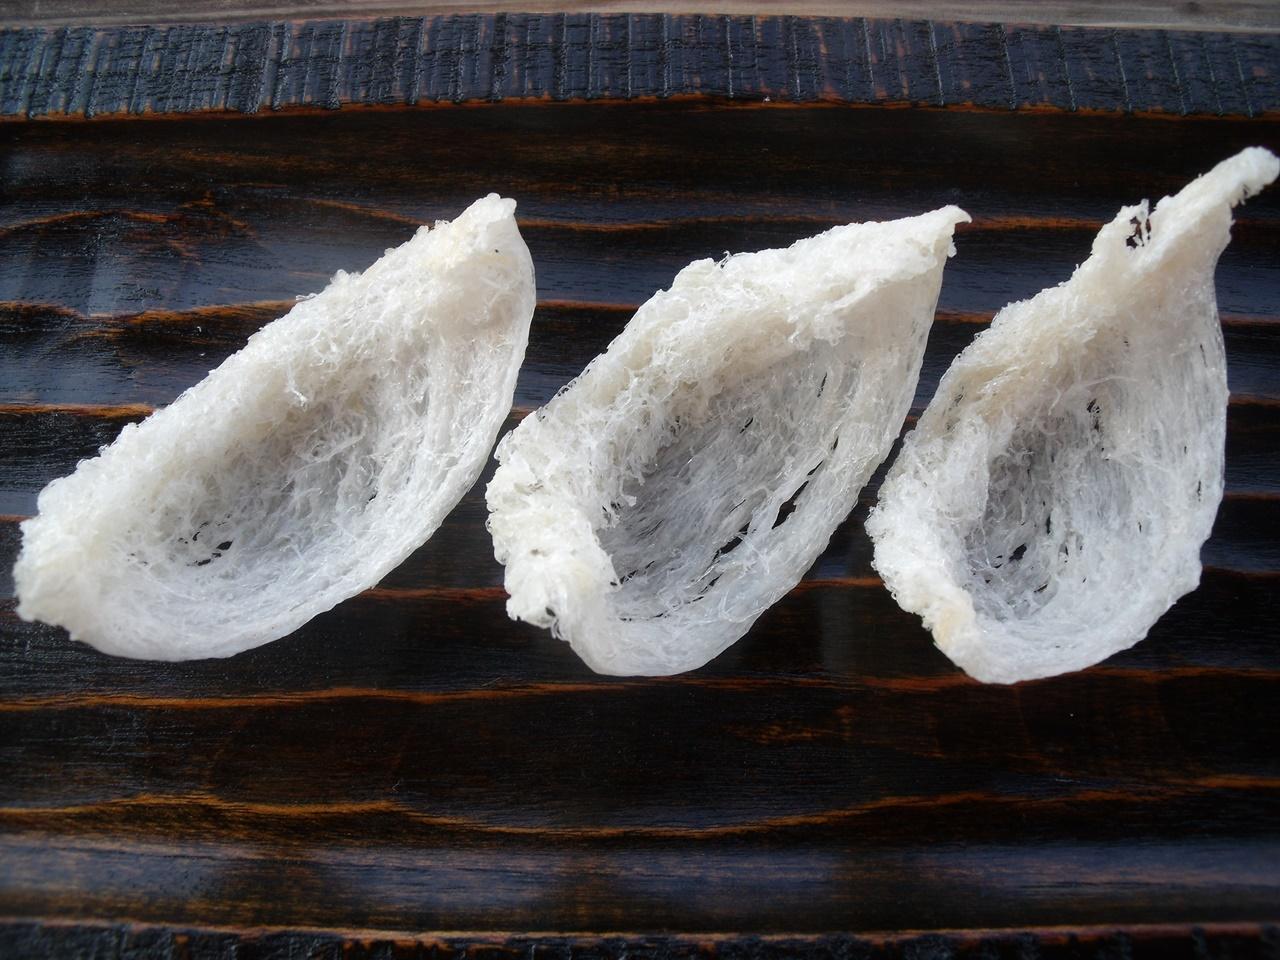 Nidos del vencejo de las cuevas, ingrediente básico para la famosa sopa de nidos de golondrina. Autor, ReformaImufomot